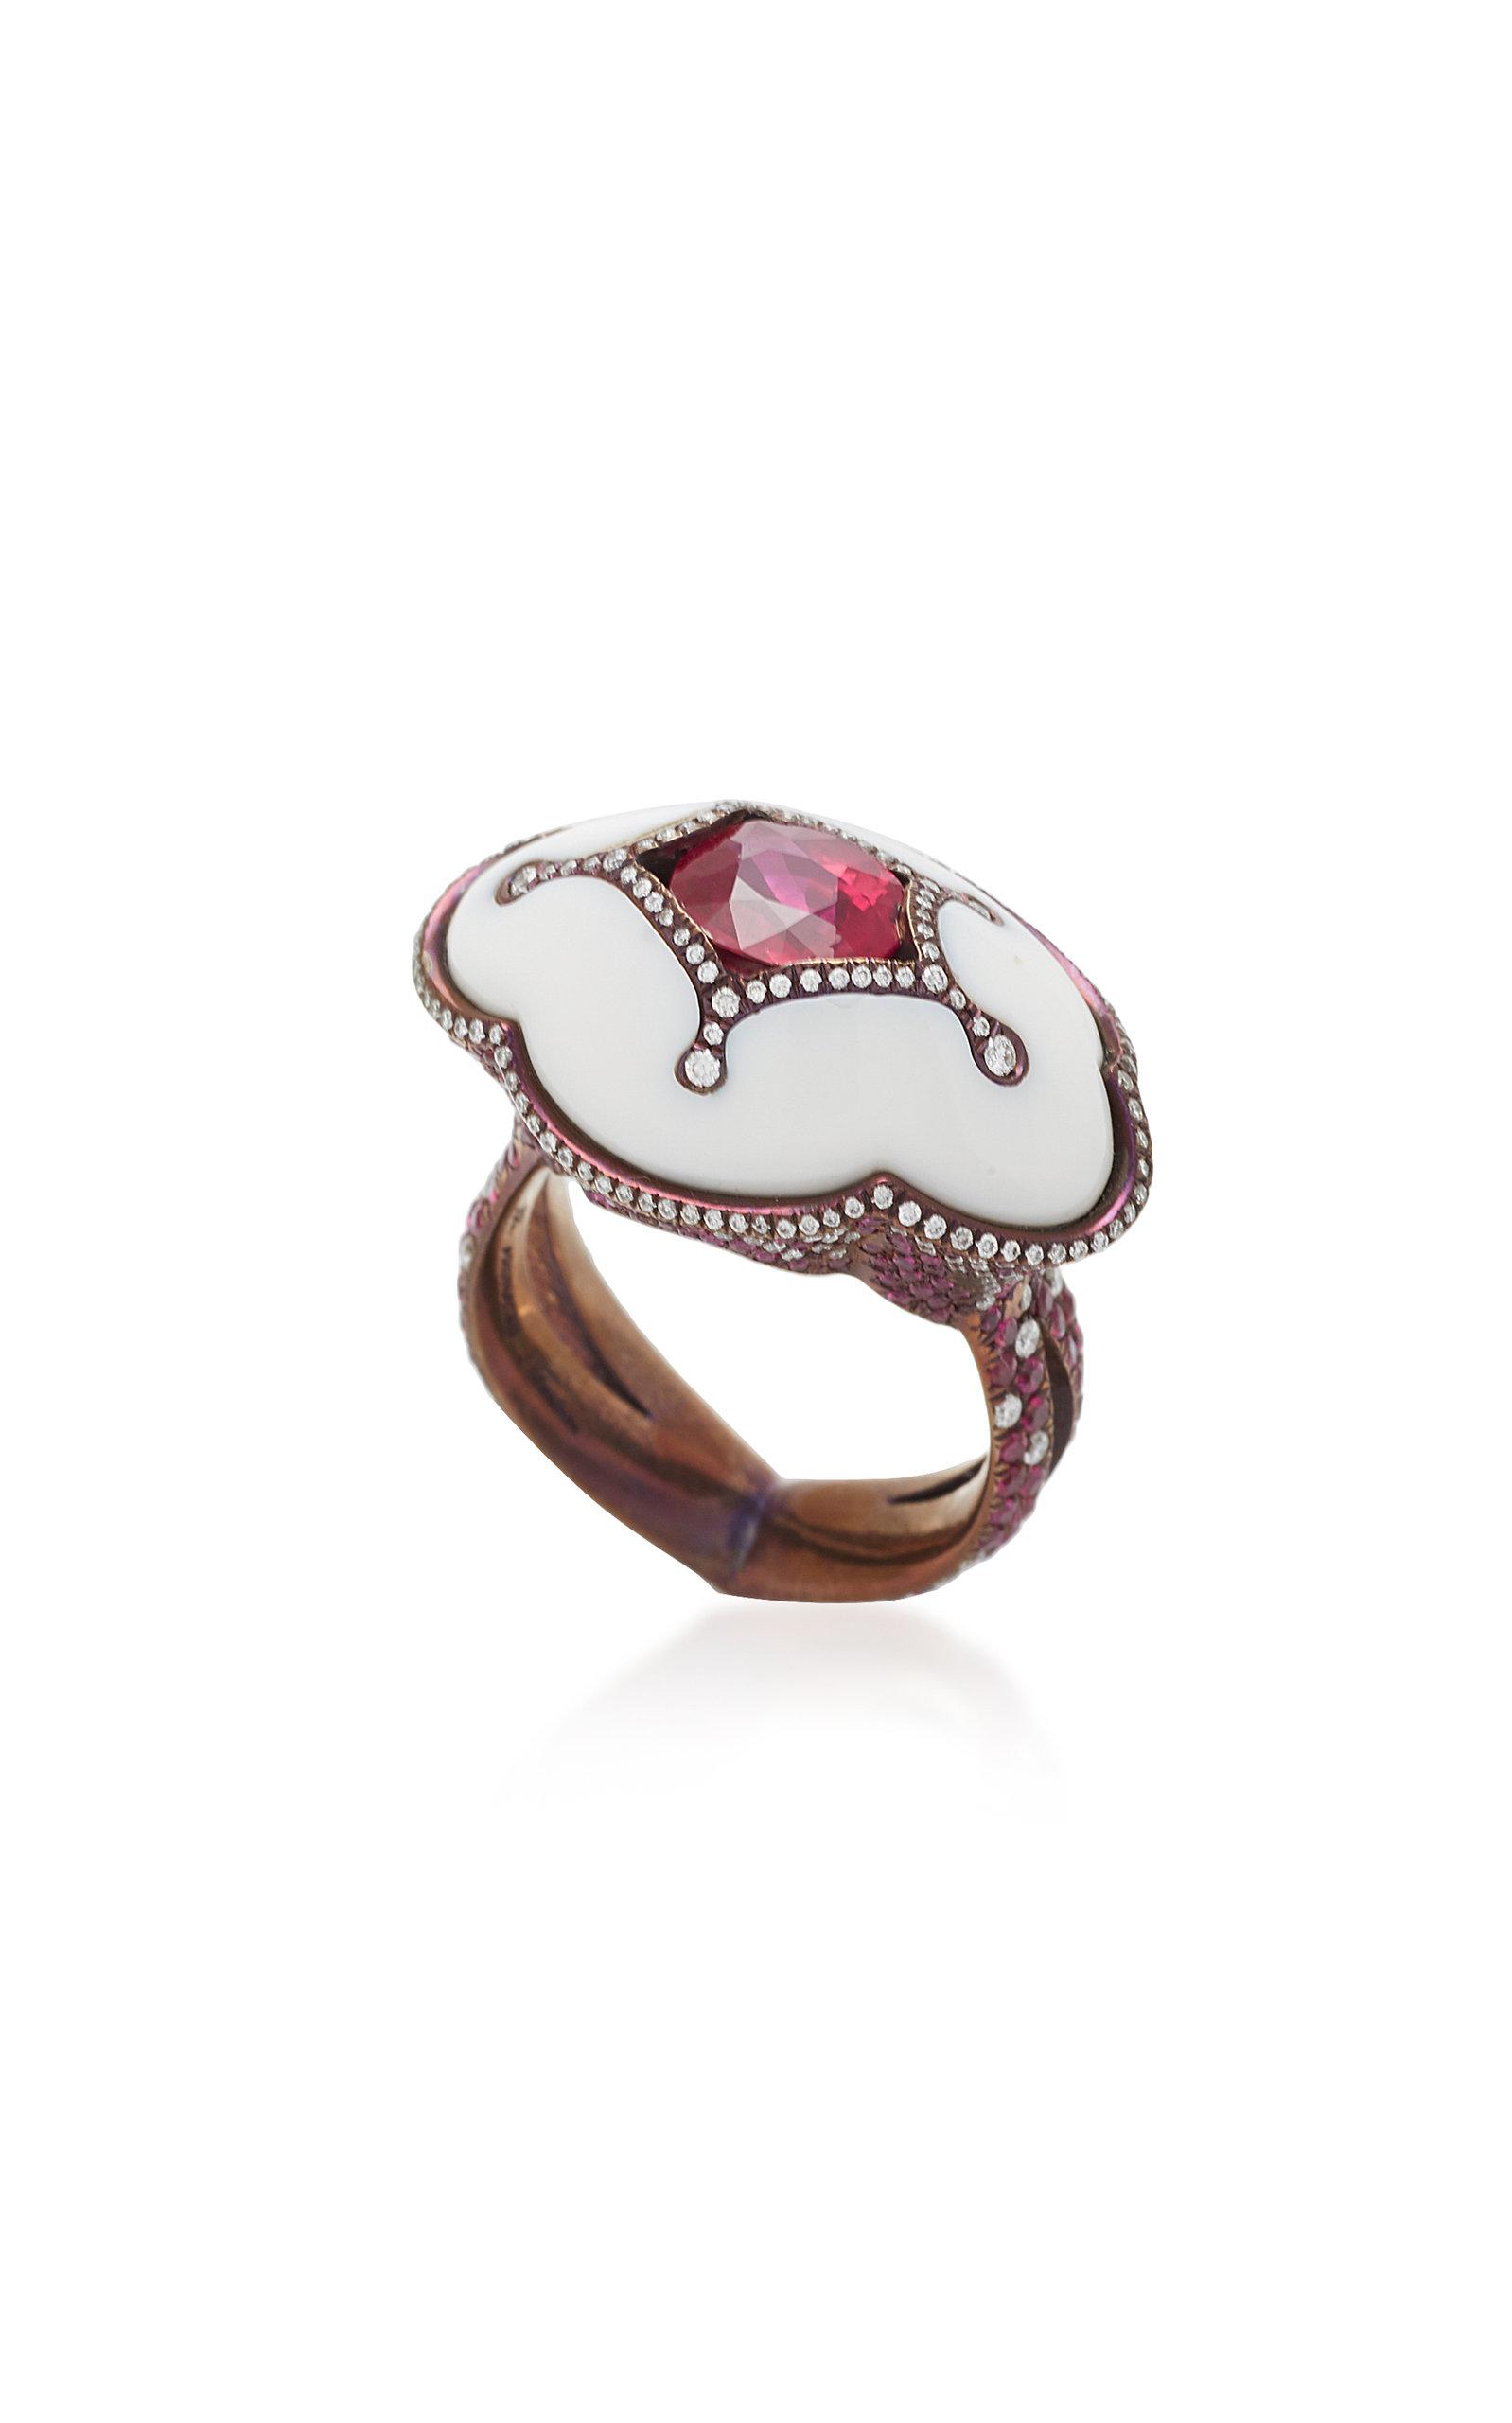 ARUNASHI ONE-OF-A-KIND RUBY RING